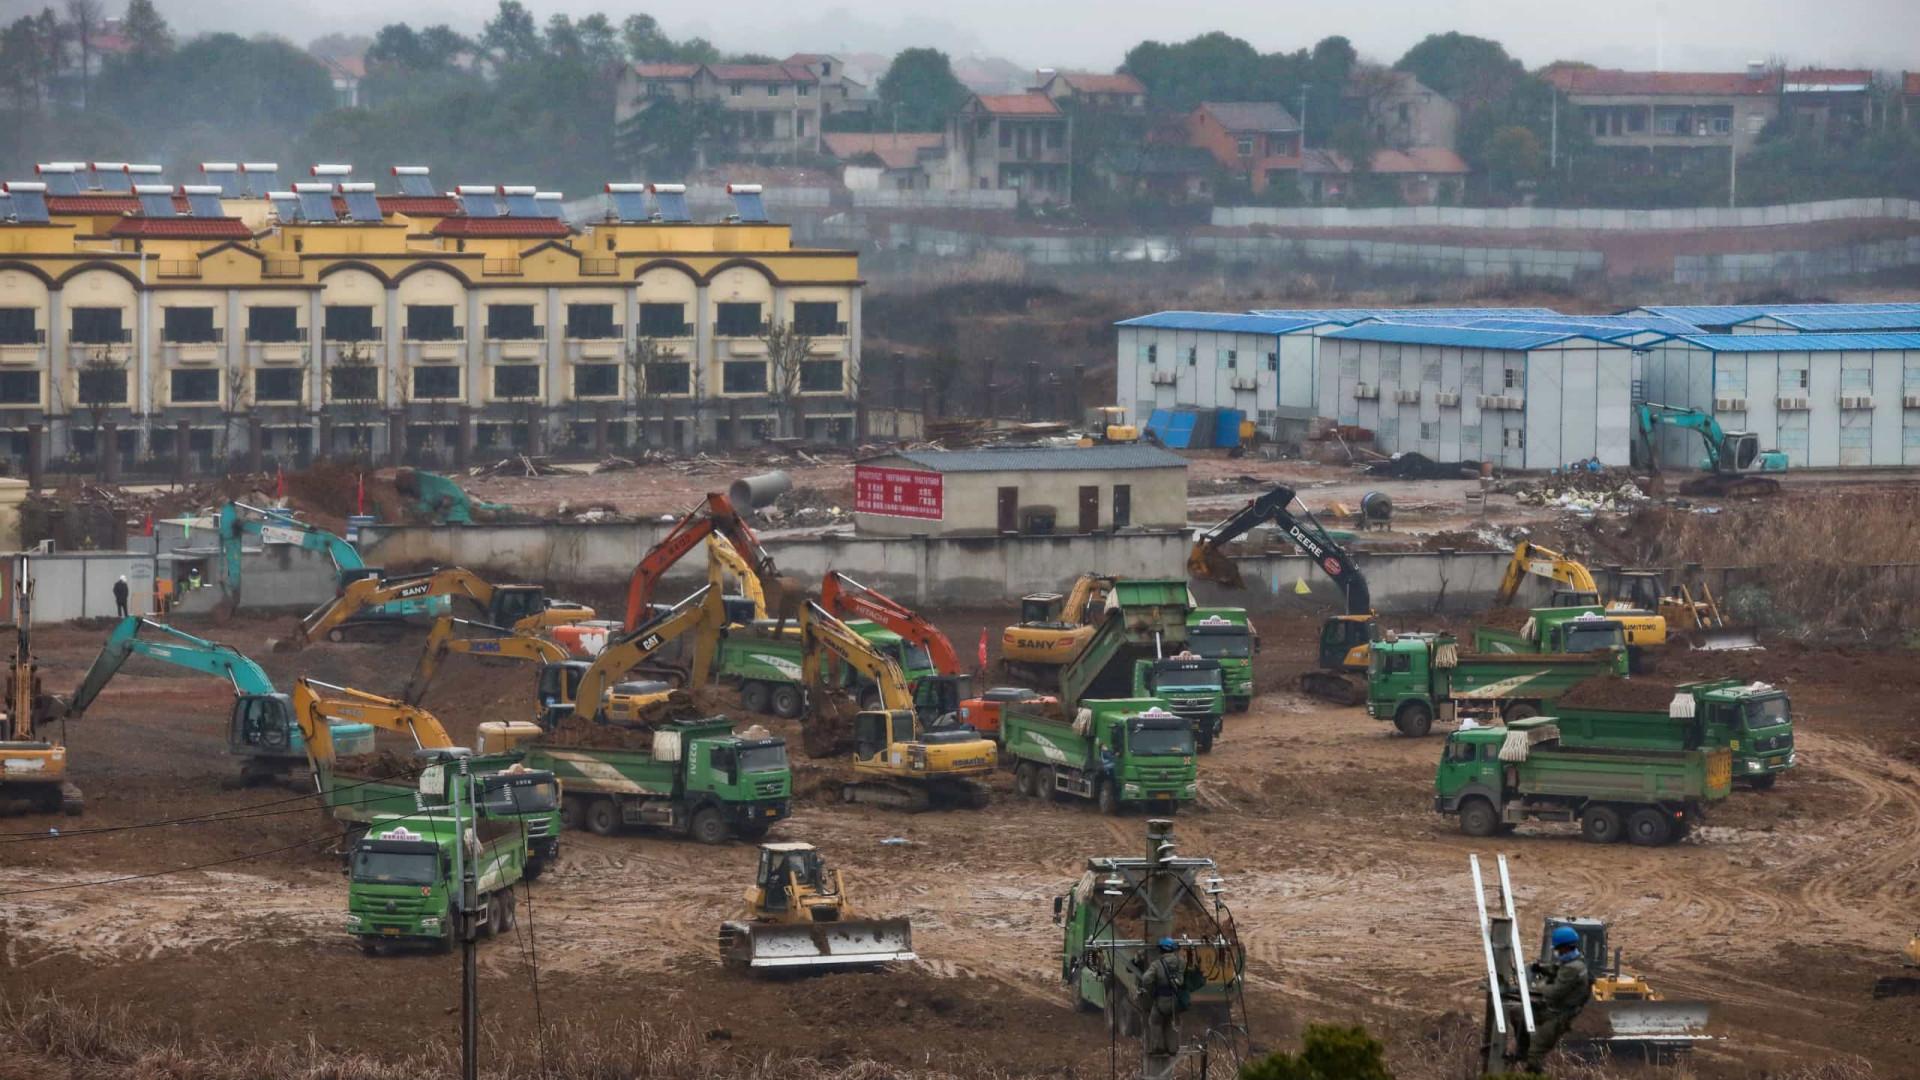 Segundo hospital será construído em duas semanas em Wuhan